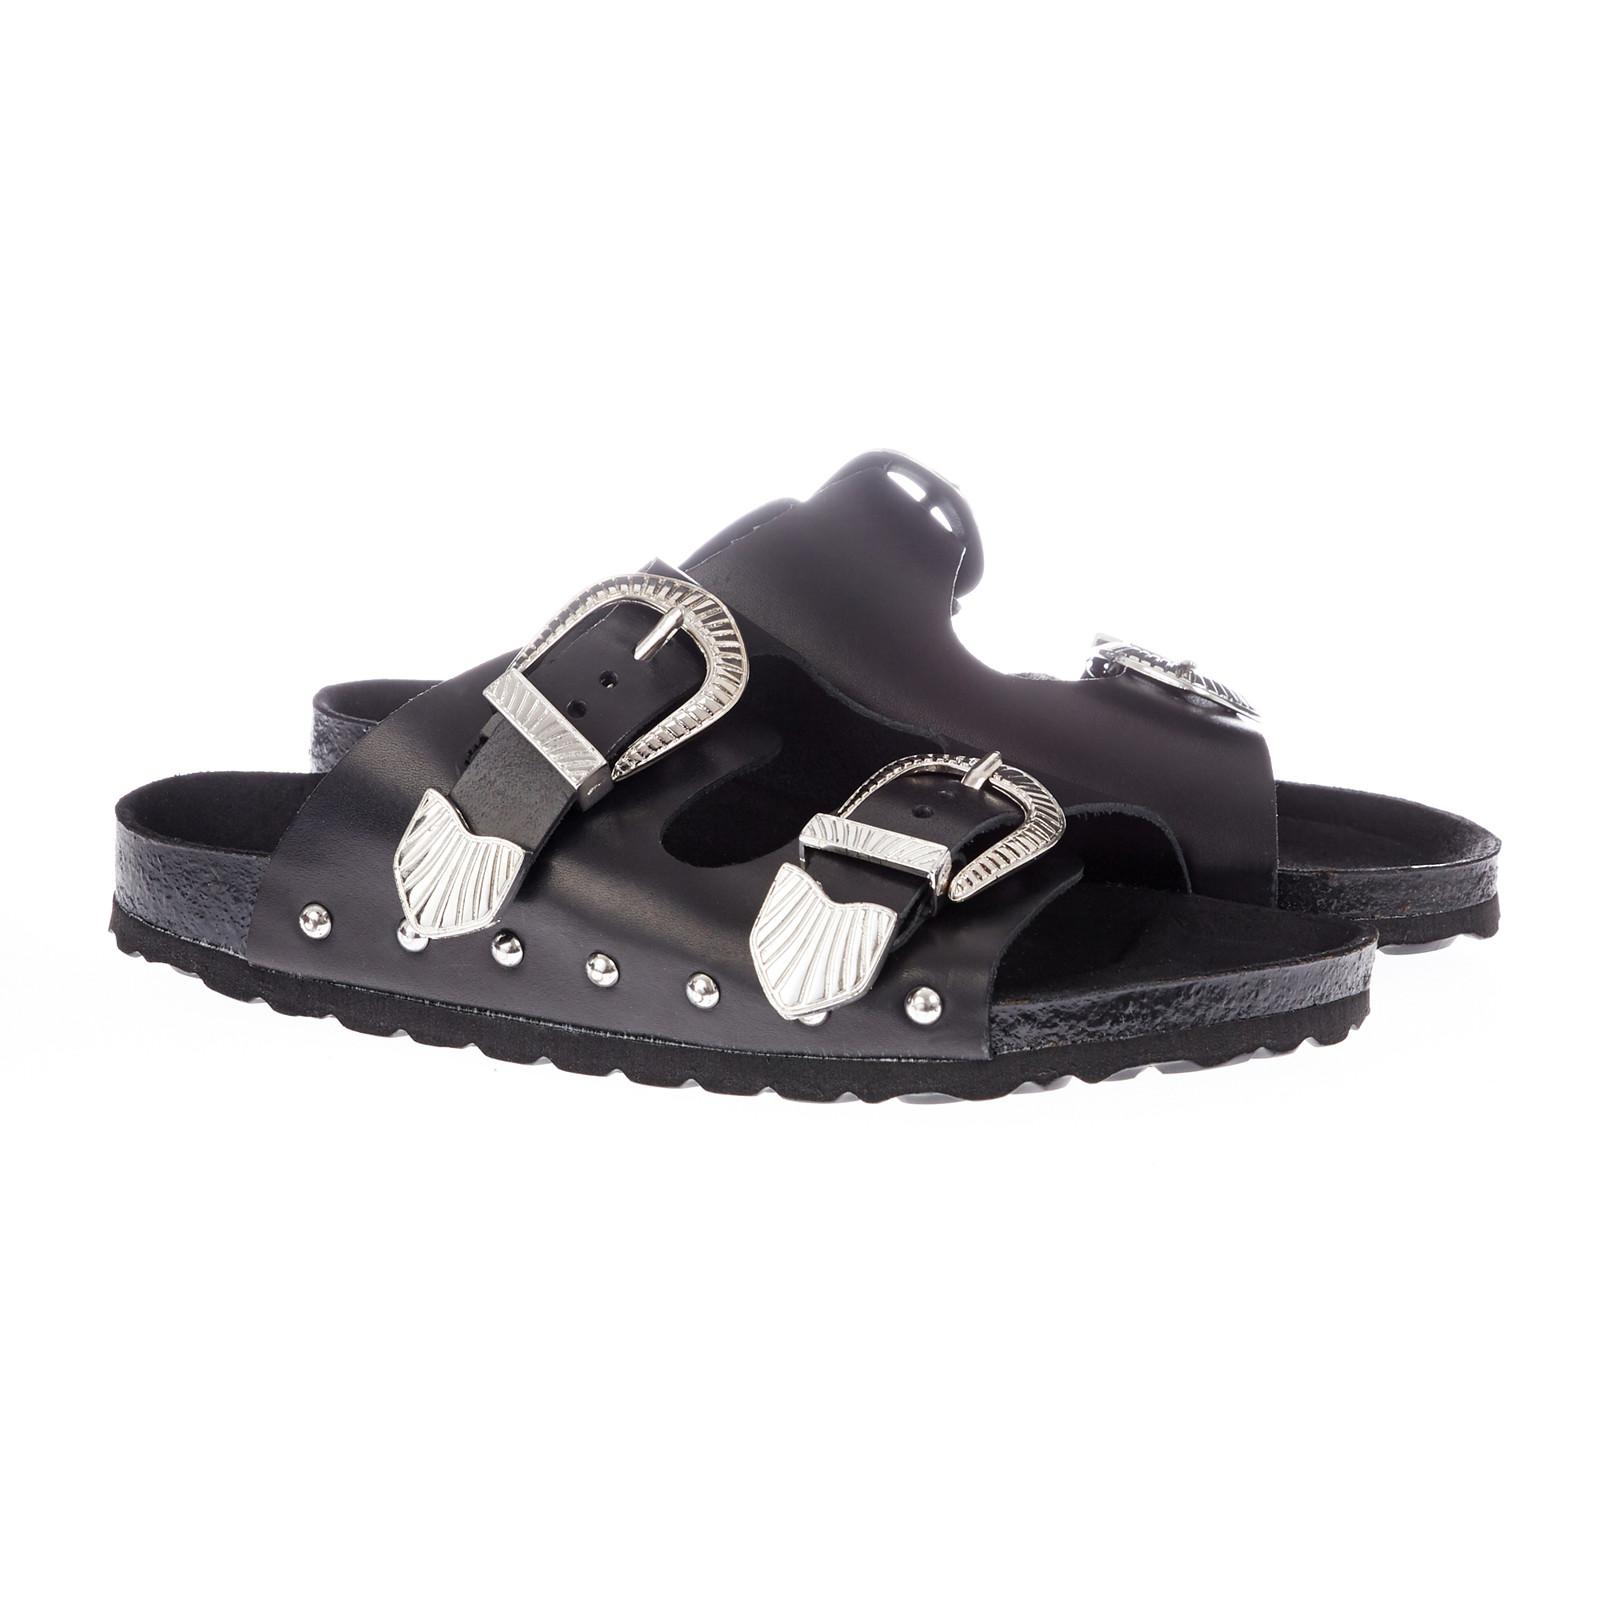 Sofie Schnoor Shoe Rivet flad sandal med spænder